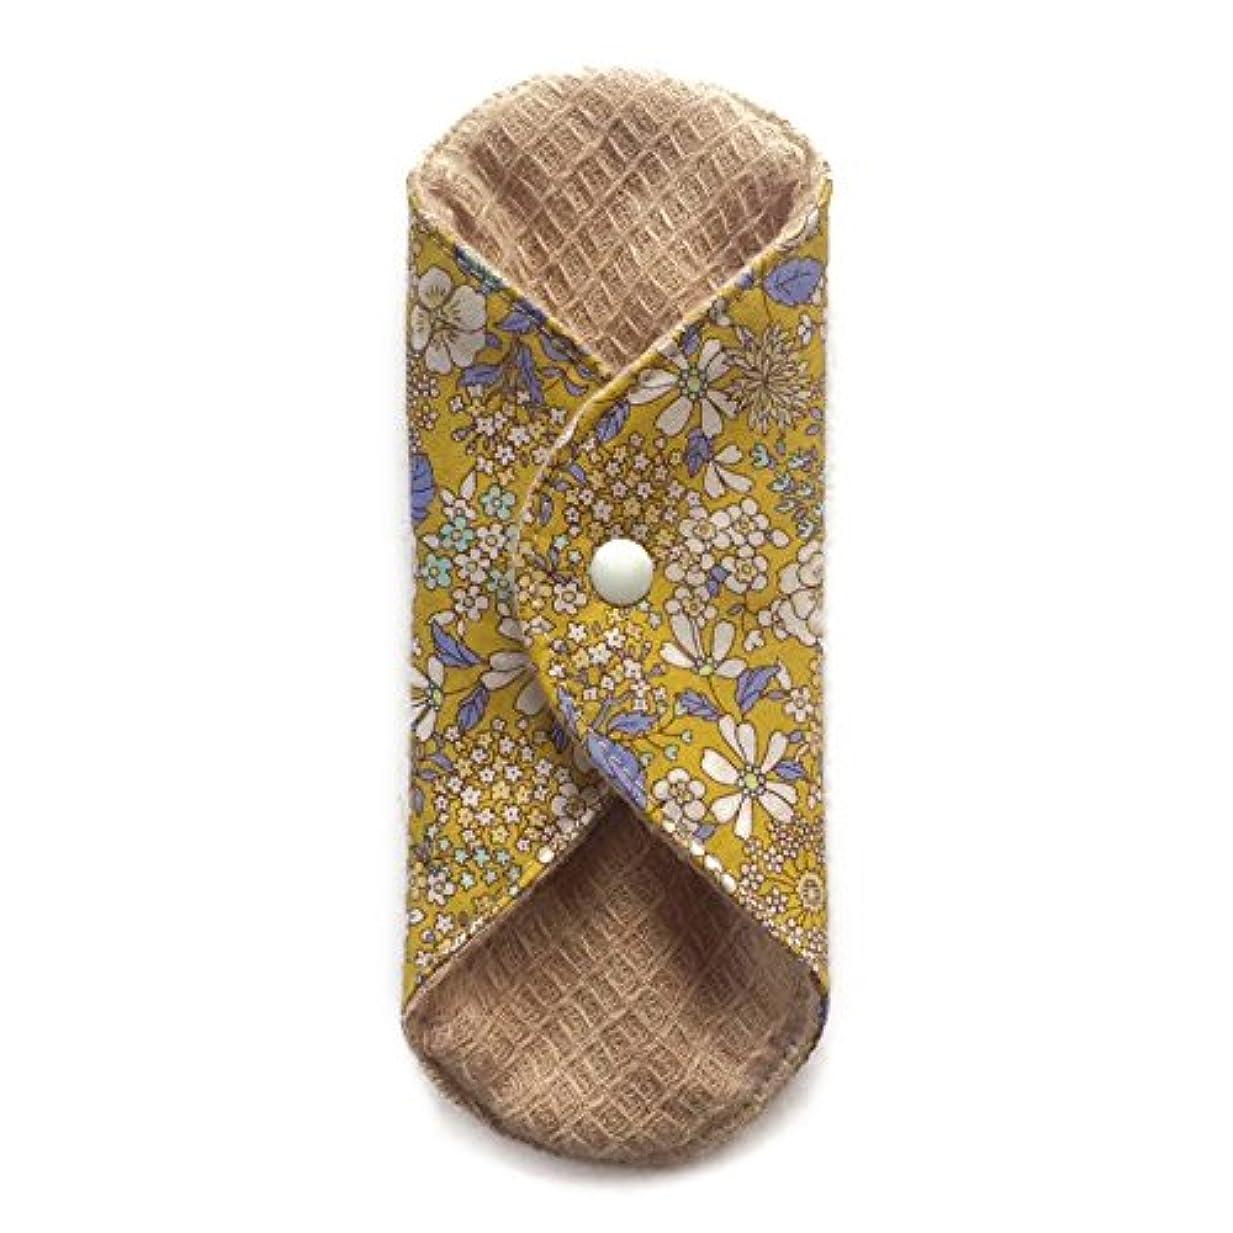 けがをする使い込む資本華布のオーガニックコットンの極み あたため布 Sサイズ (約13×約13×約0.6cm) 雅(マスタード)